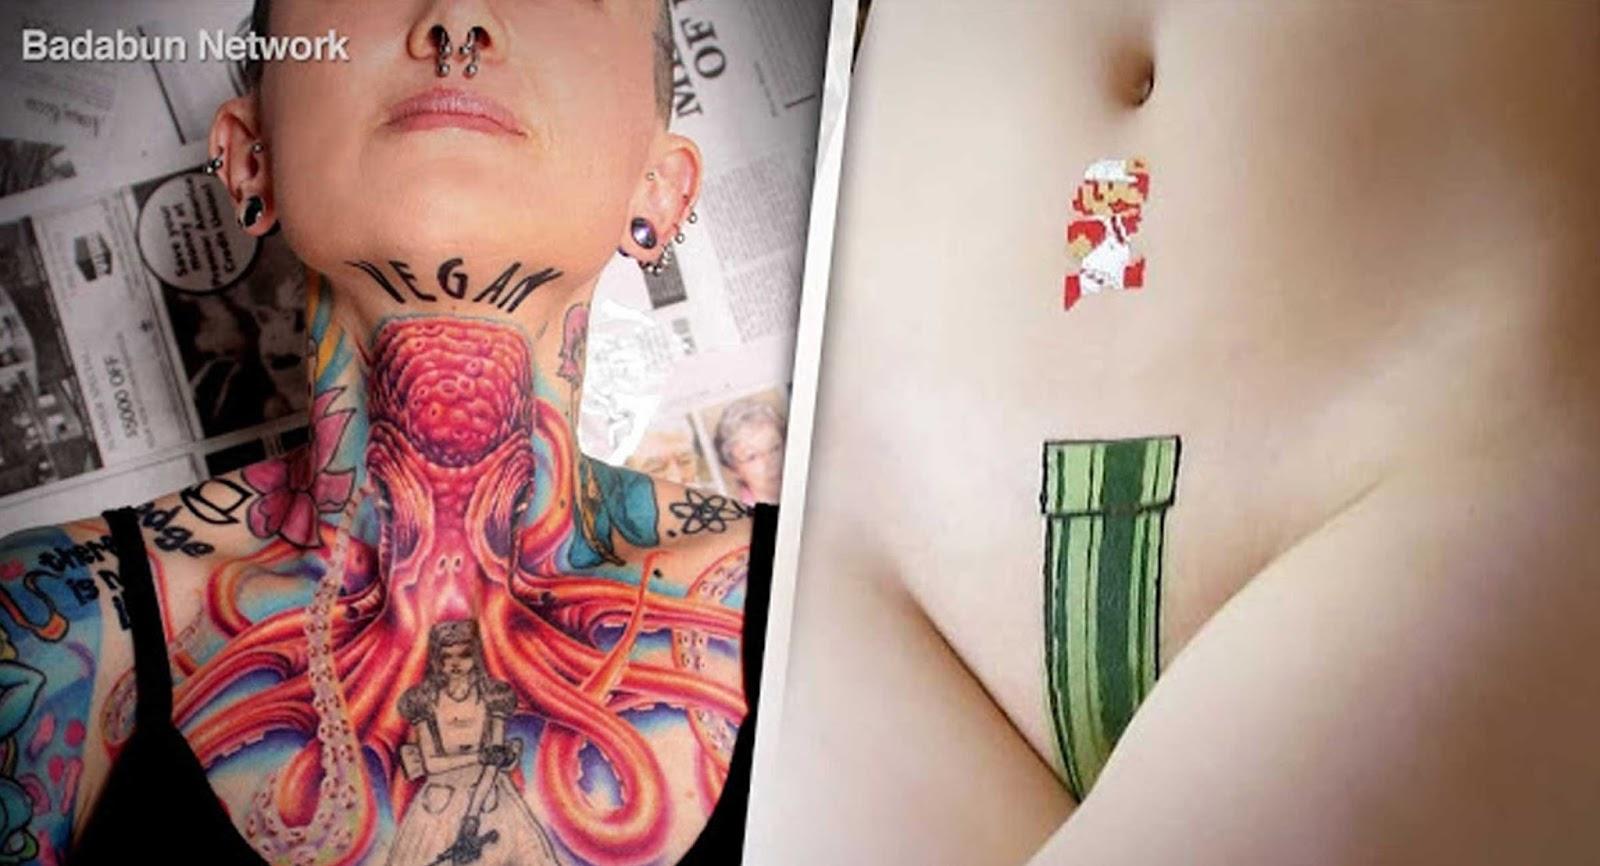 Banaz Los 10 Lugares Más Dolorosos Para Un Tatuaje El 5 Ha Matado